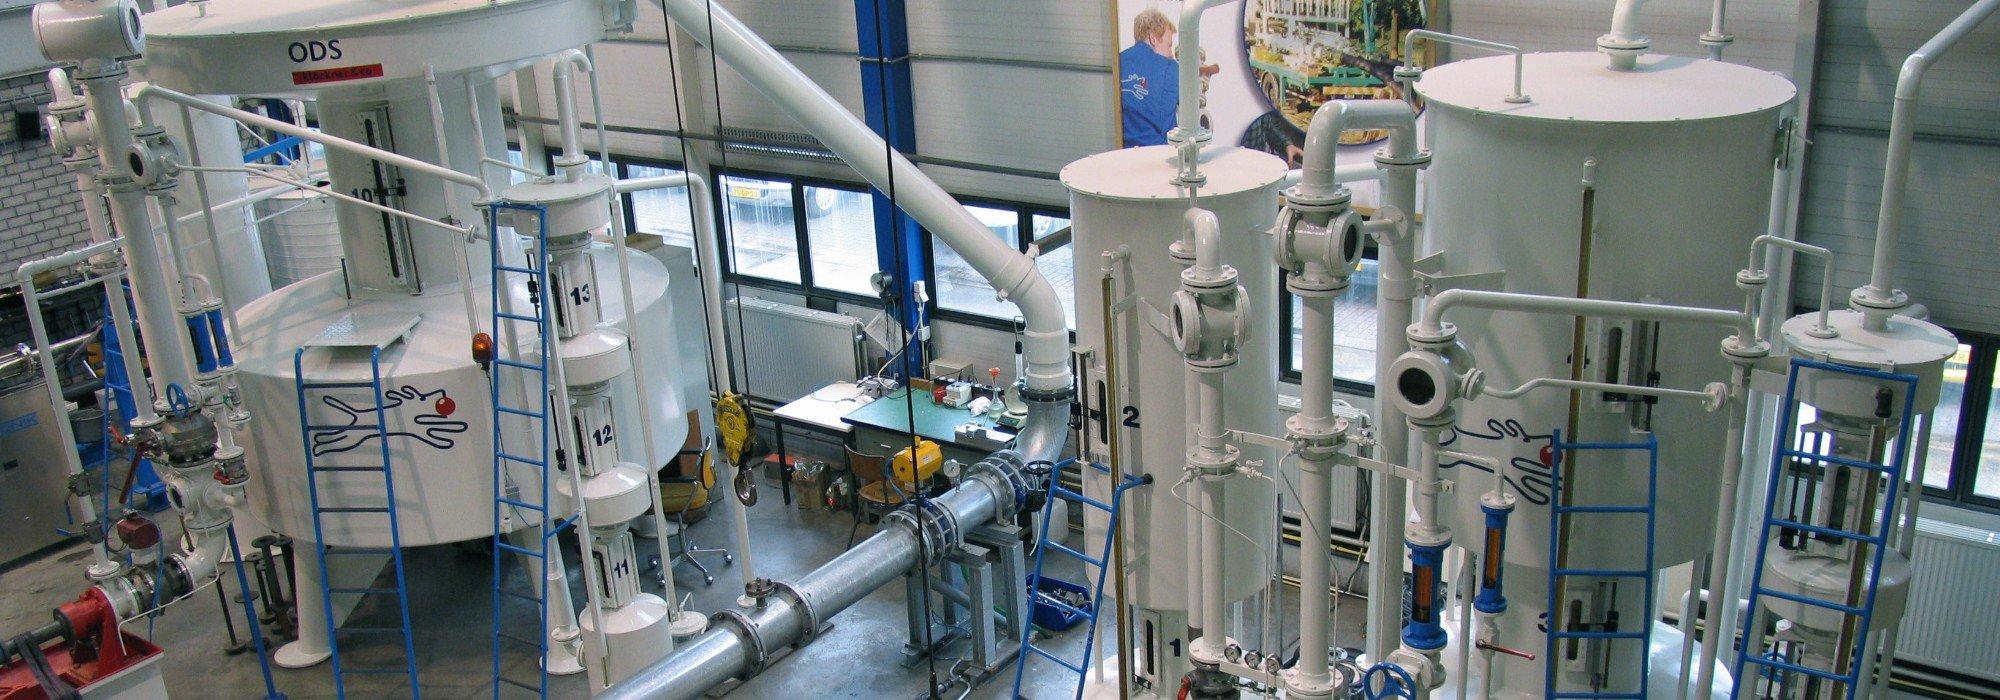 ODS Flow Calibration Header